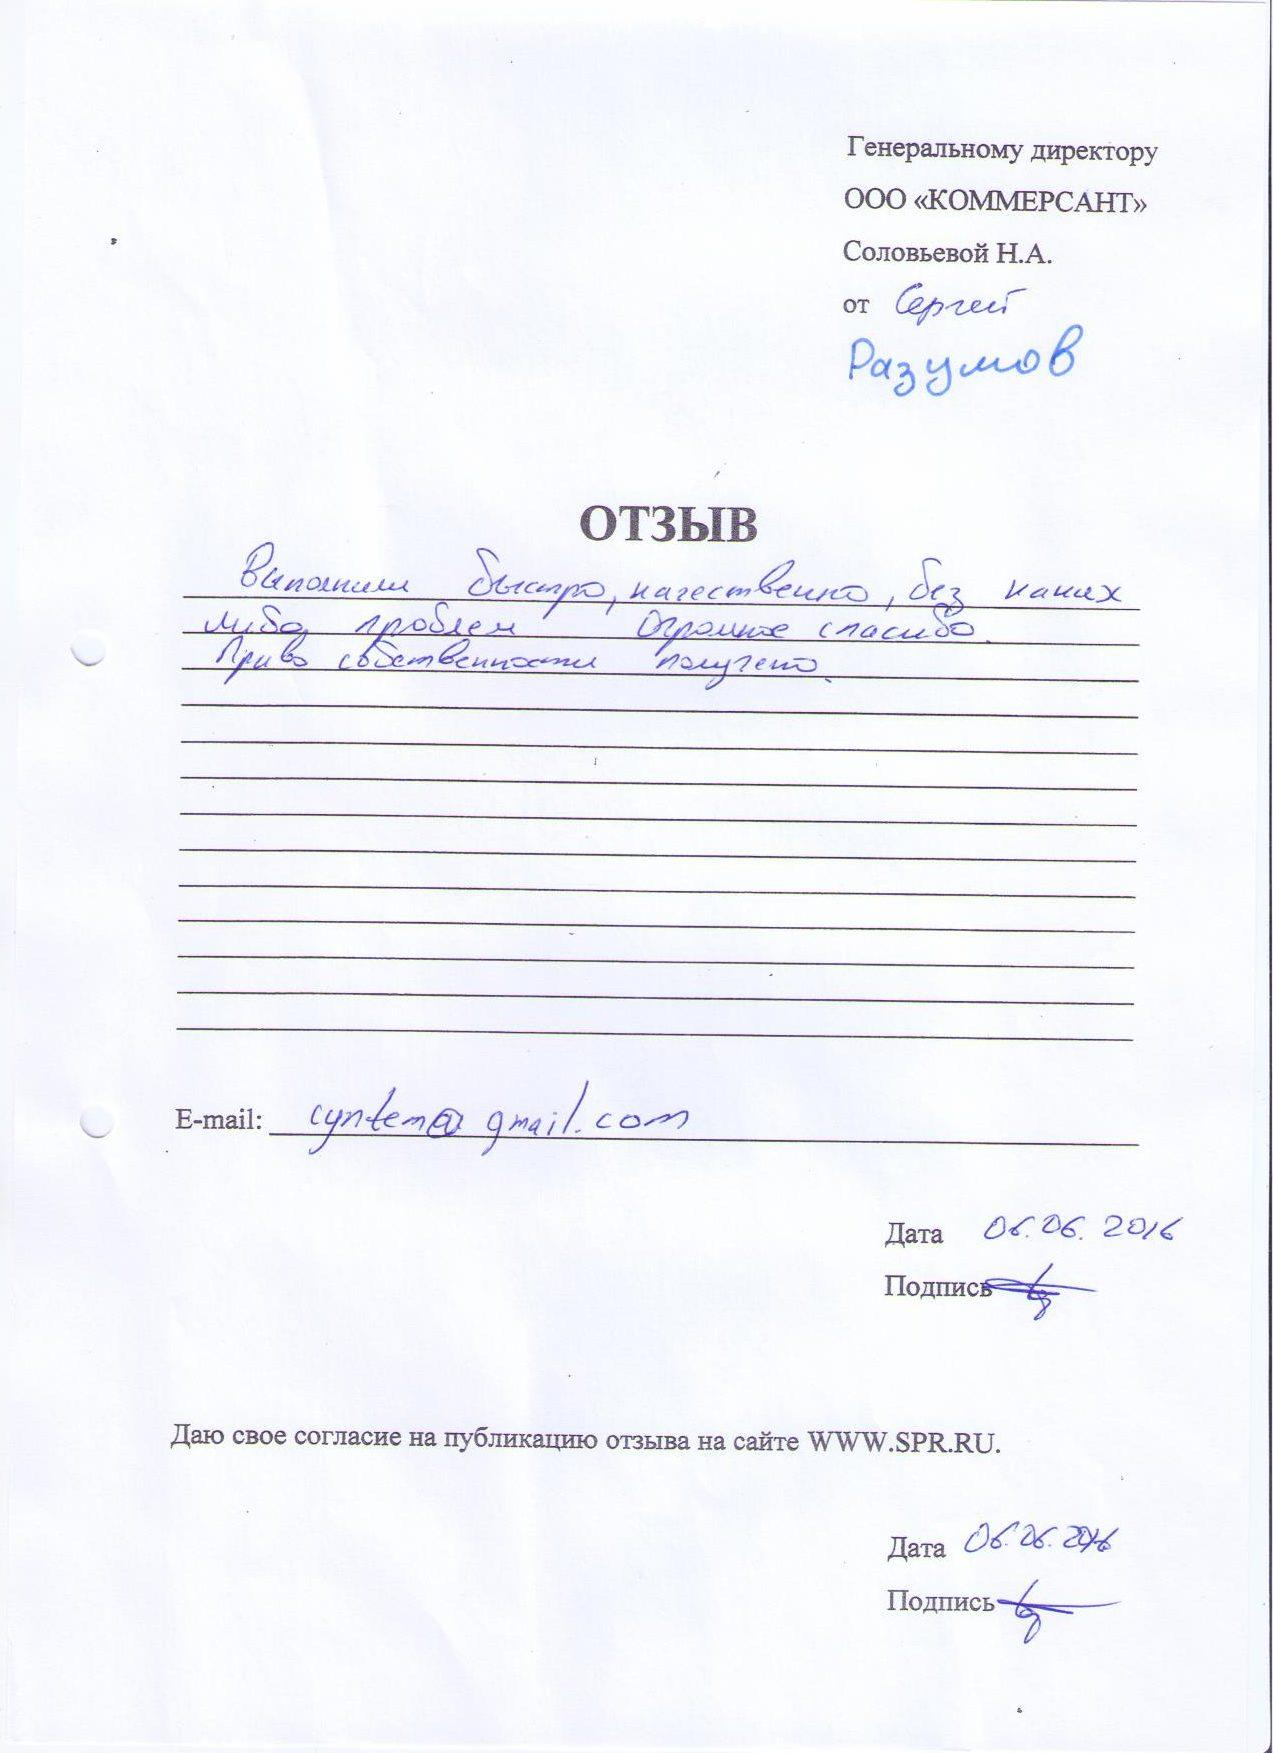 сергей регистрация права собственности в красногорске